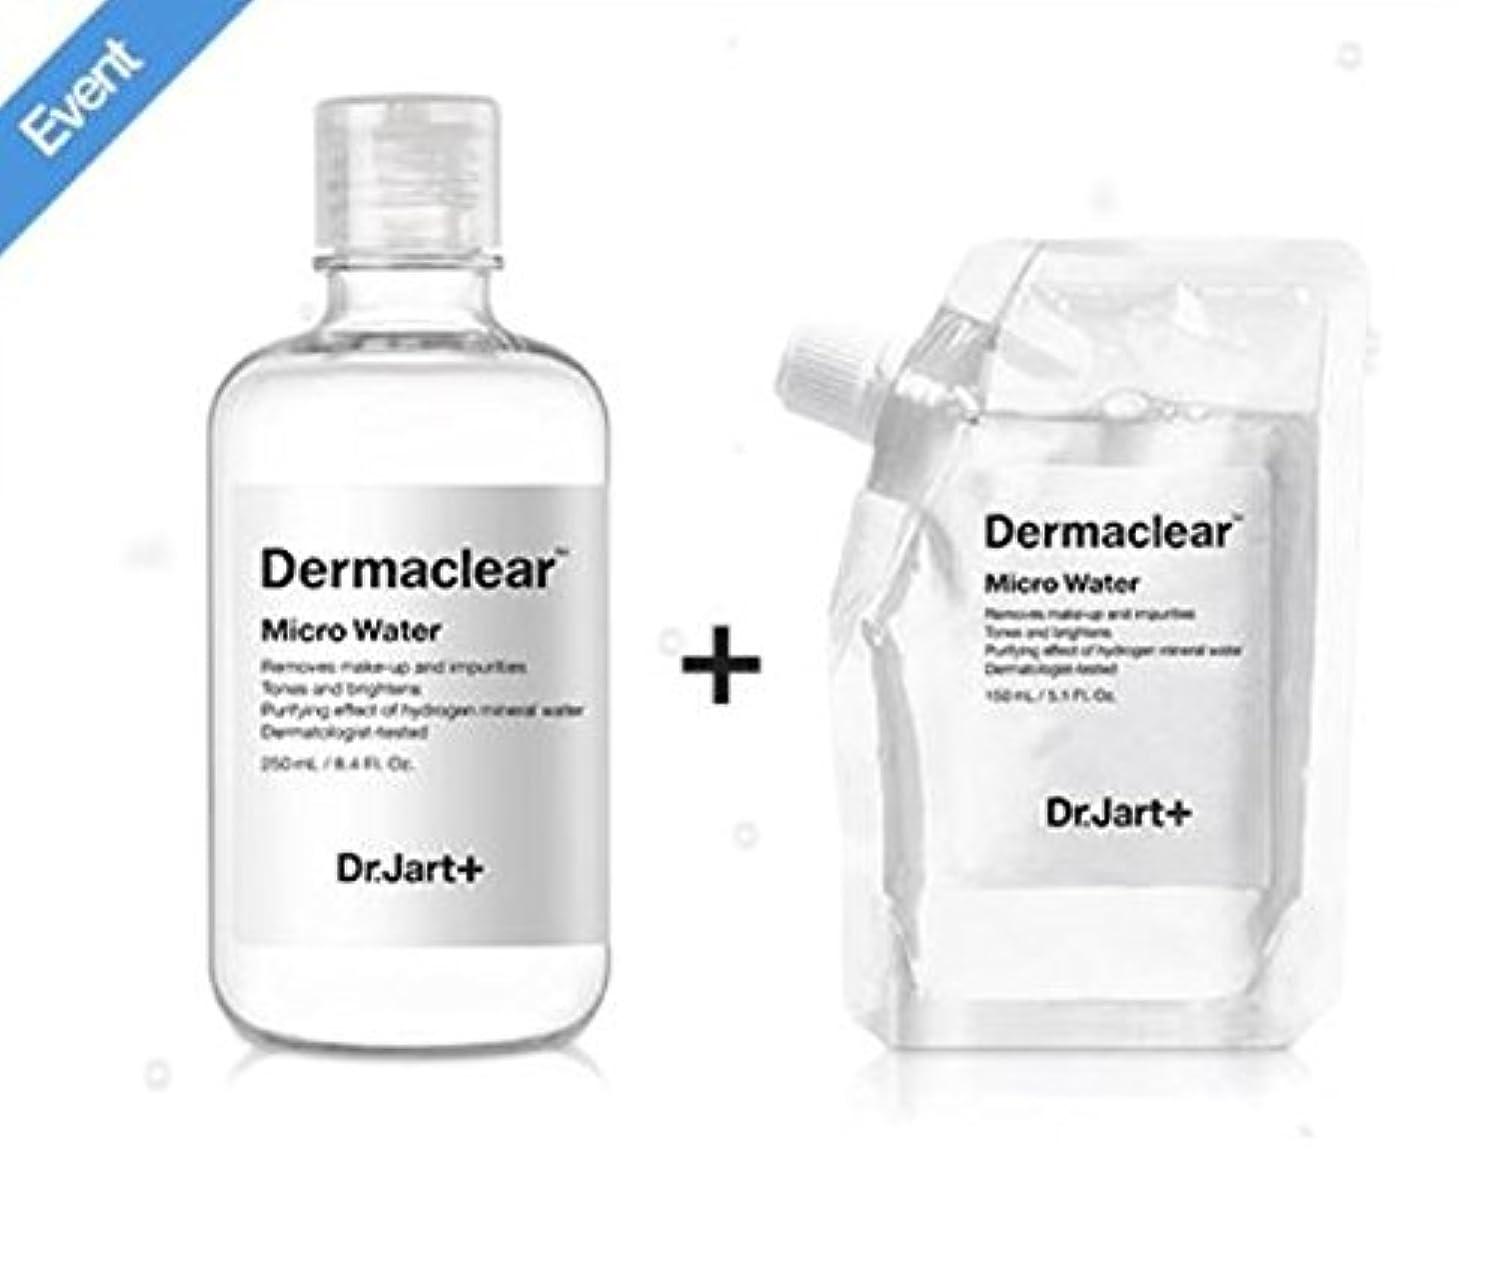 吸収剤オピエート外交ドクタージャルト[韓国コスメ Dr.Jart+]ダーマクリア マイクロ ウォーター250ml+150ml(リフィル) [korean cosmetic Dr.Jart+]Dermaclear Micro Water (250ml...